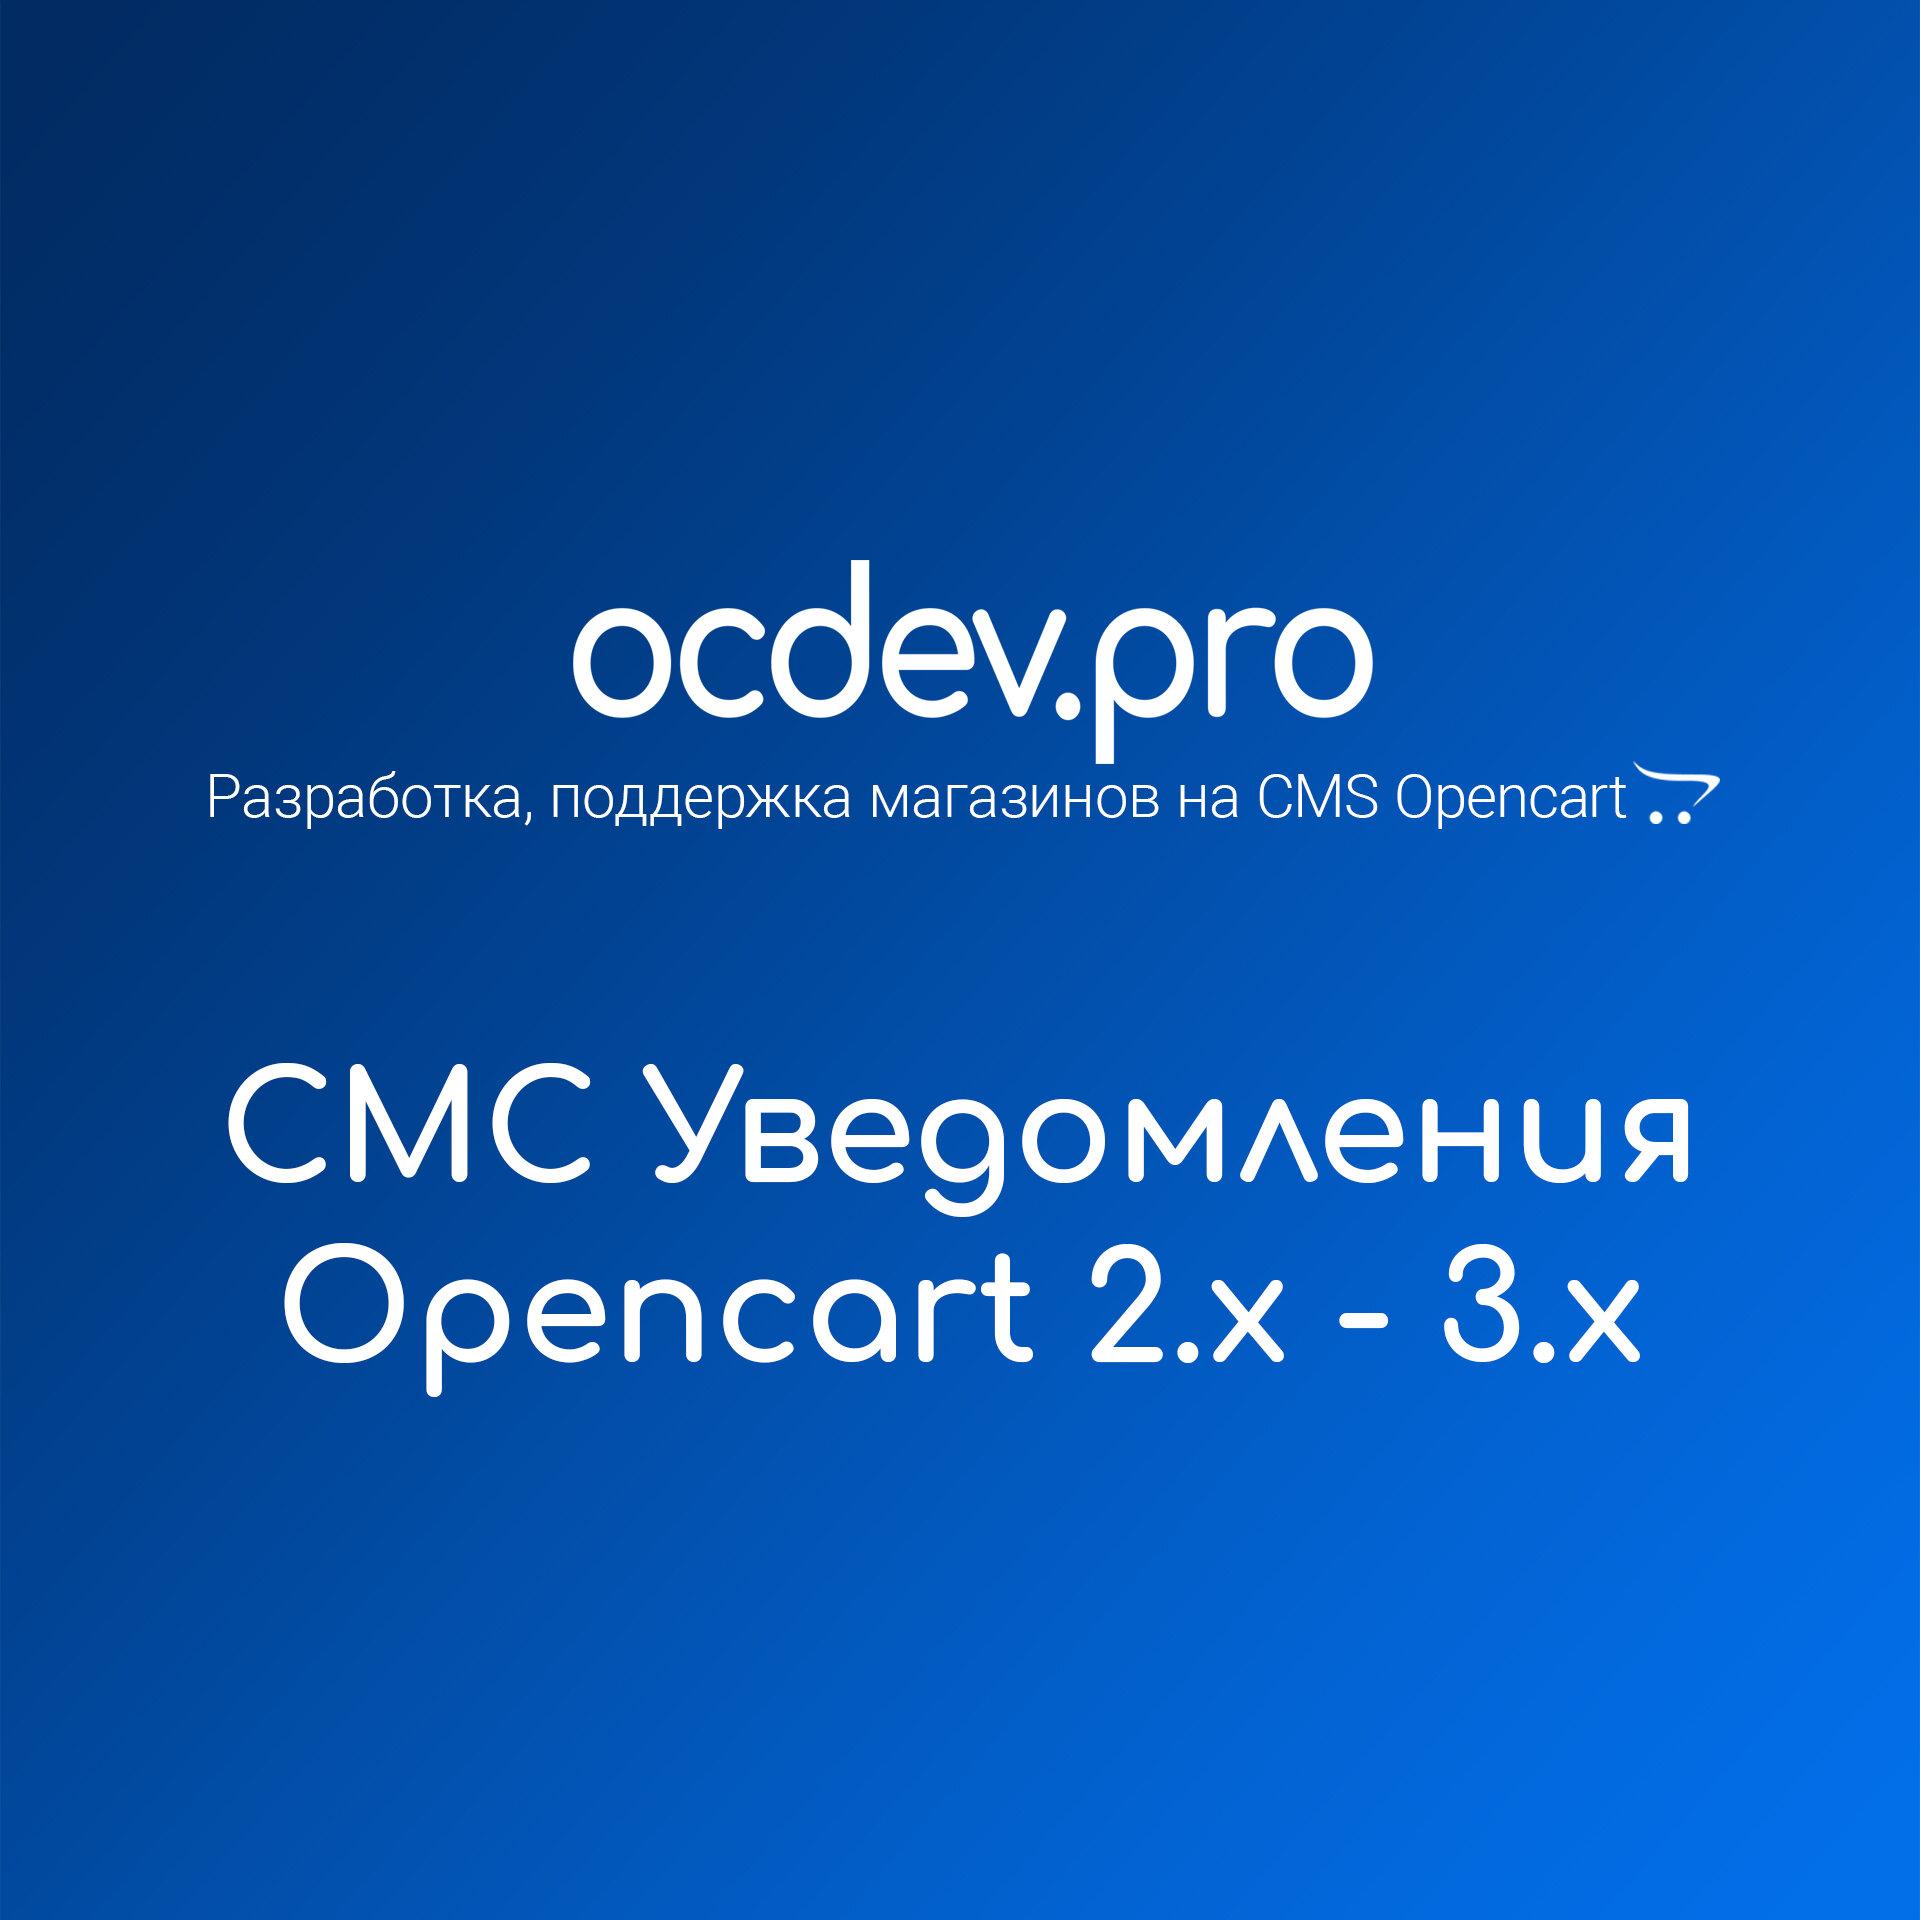 OCDEV.pro - СМС уведомления для Opencart 2.x - 3.x